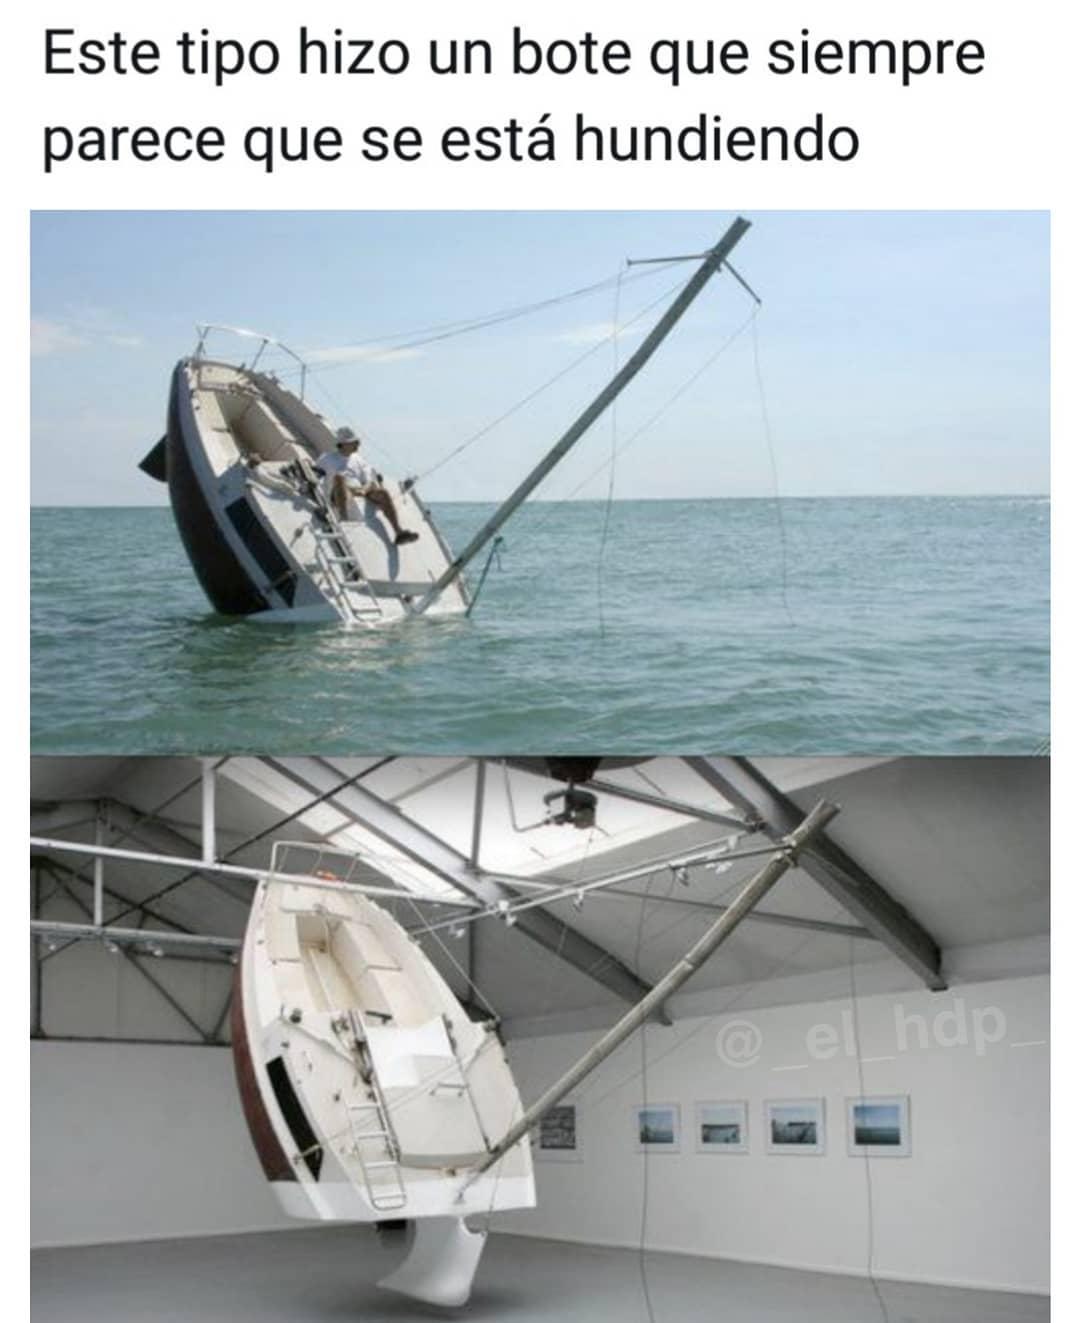 Este tipo hizo un bote que siempre parece que se está hundiendo.